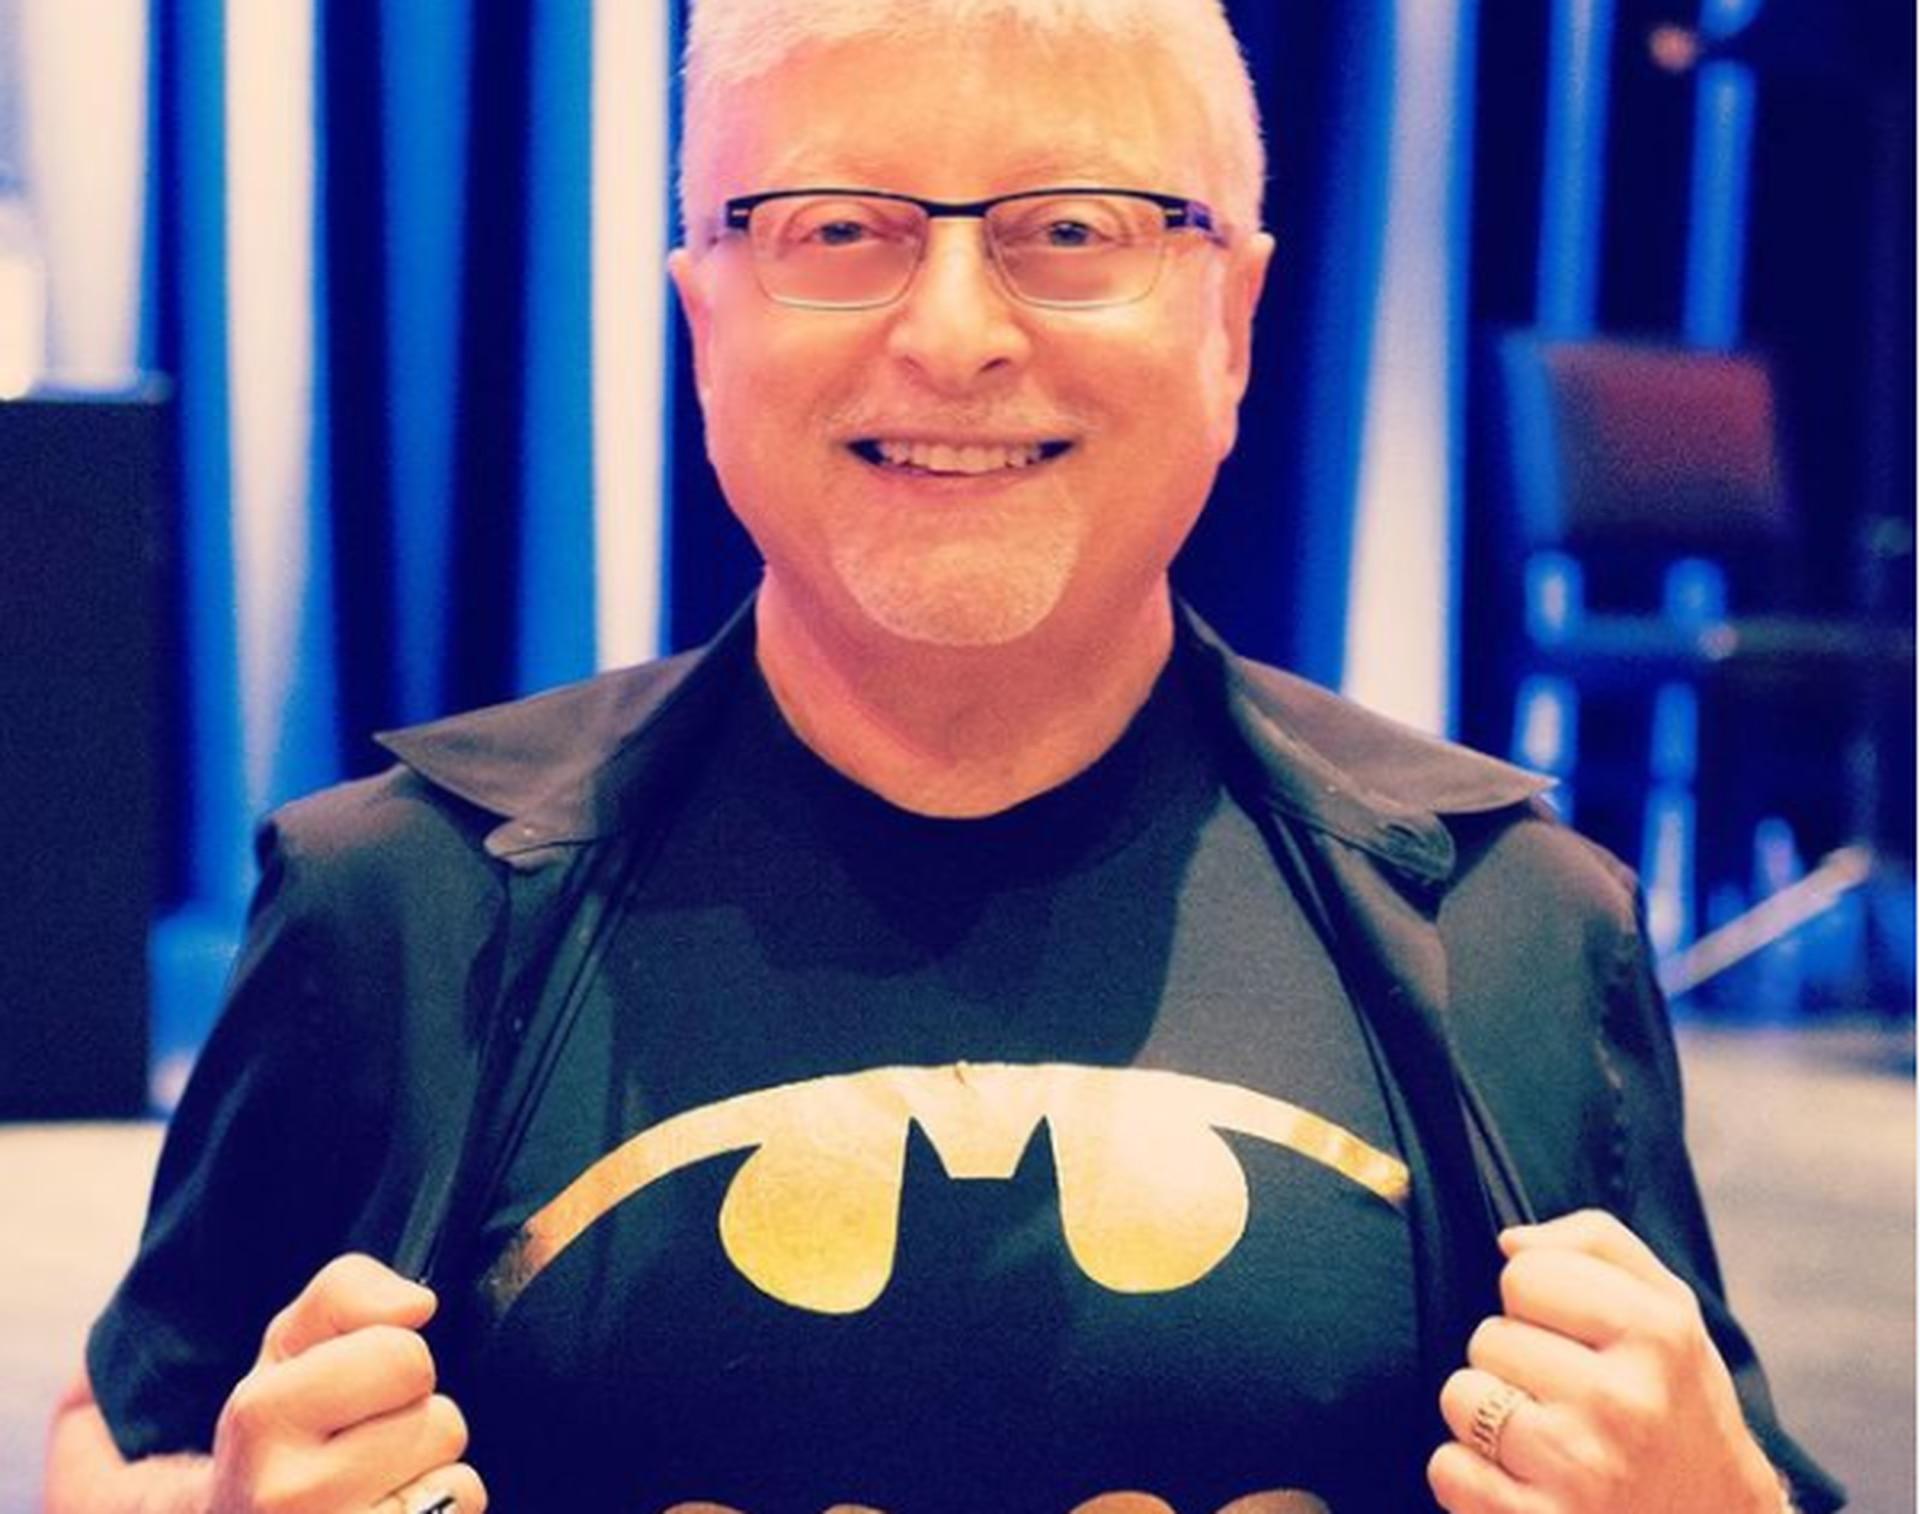 Michael Uslan es el gran responsable de llevar a Batman al cine. Desde ese film en adelante, él formó parte de la producción de todos los largometrajes del héroe, incluso el protagonizado por Robert Pattinson, que llegará en 2022